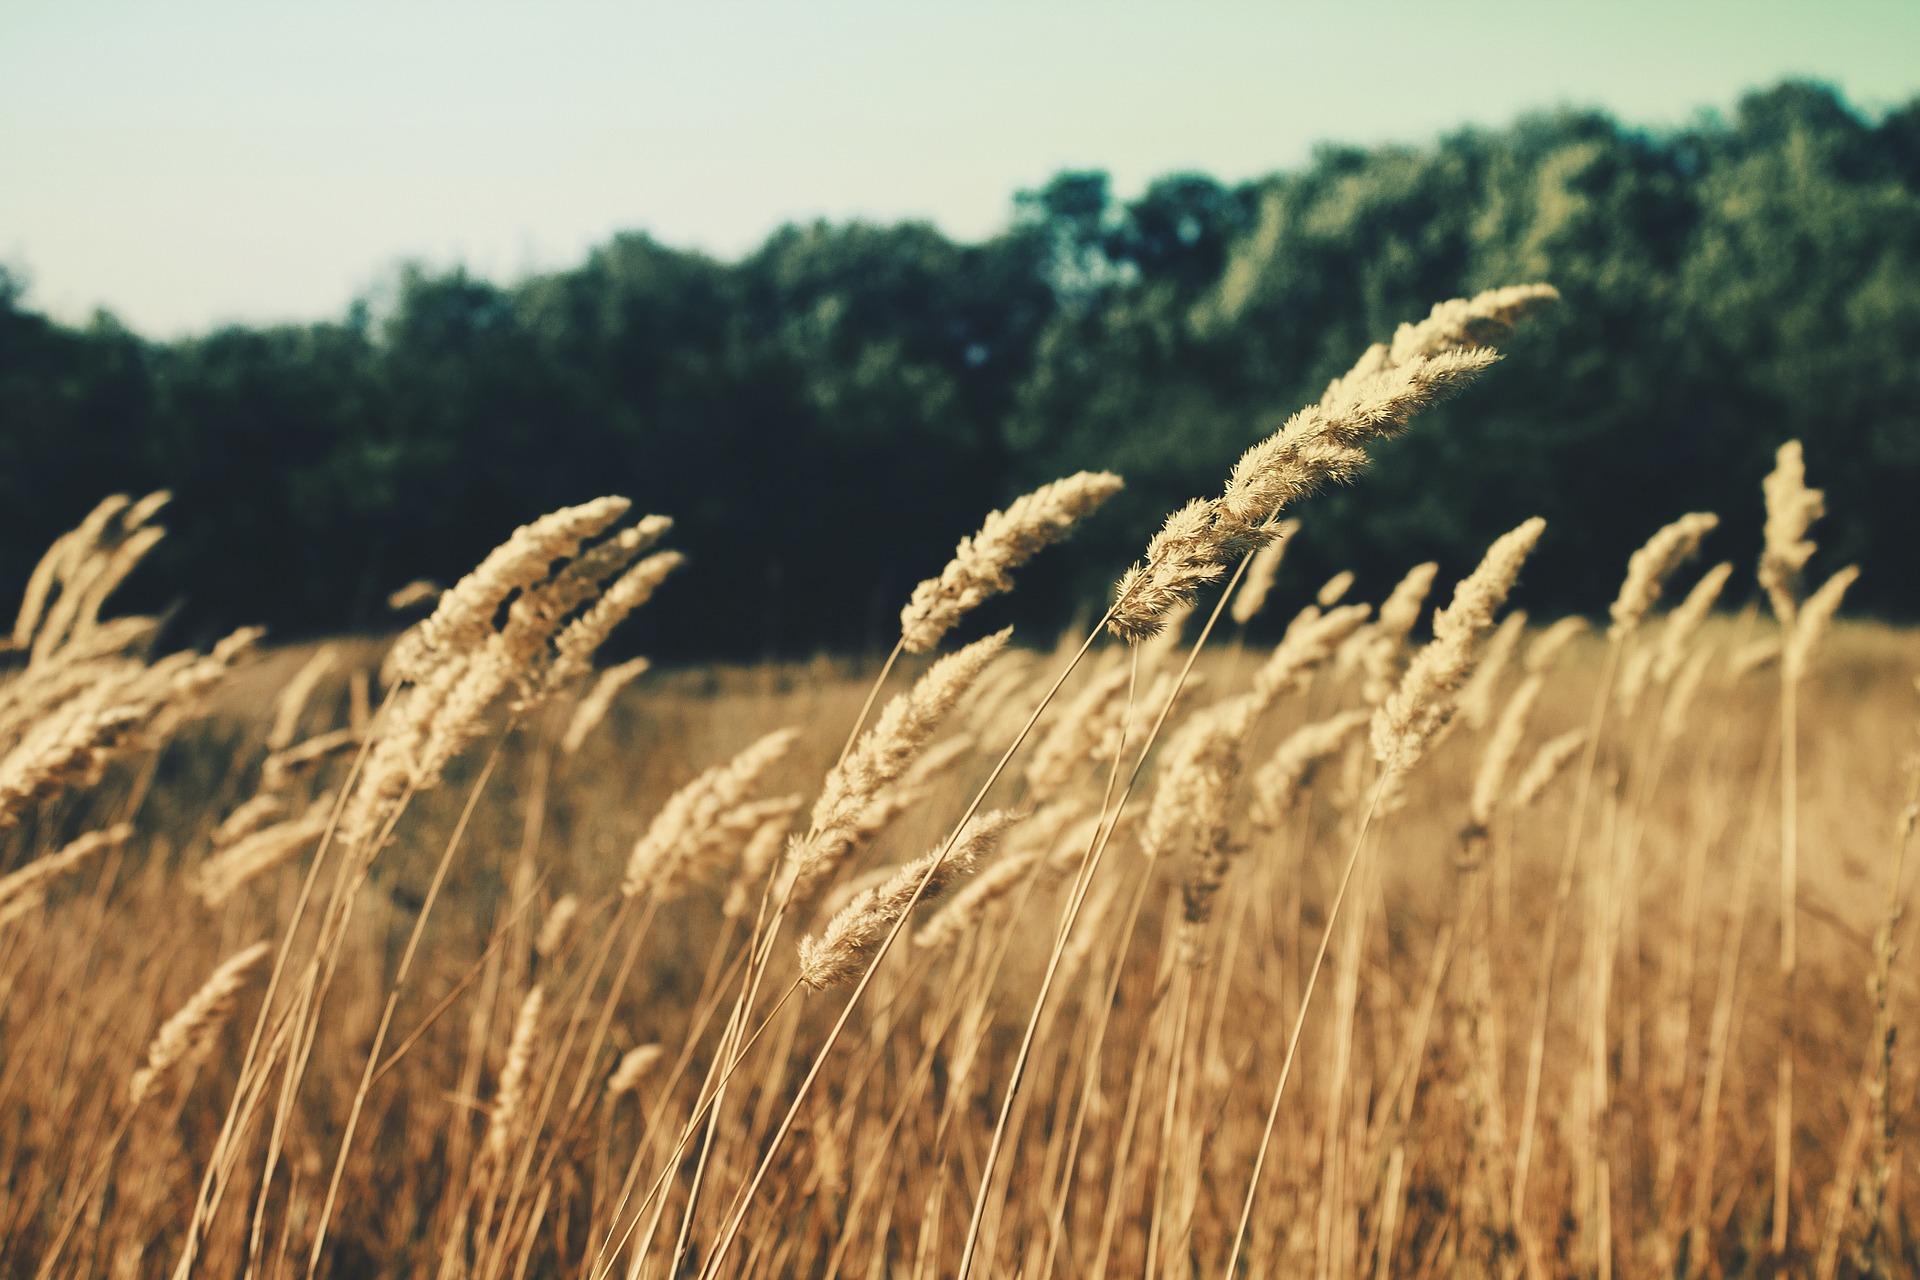 summerfield-336687_1920.jpg